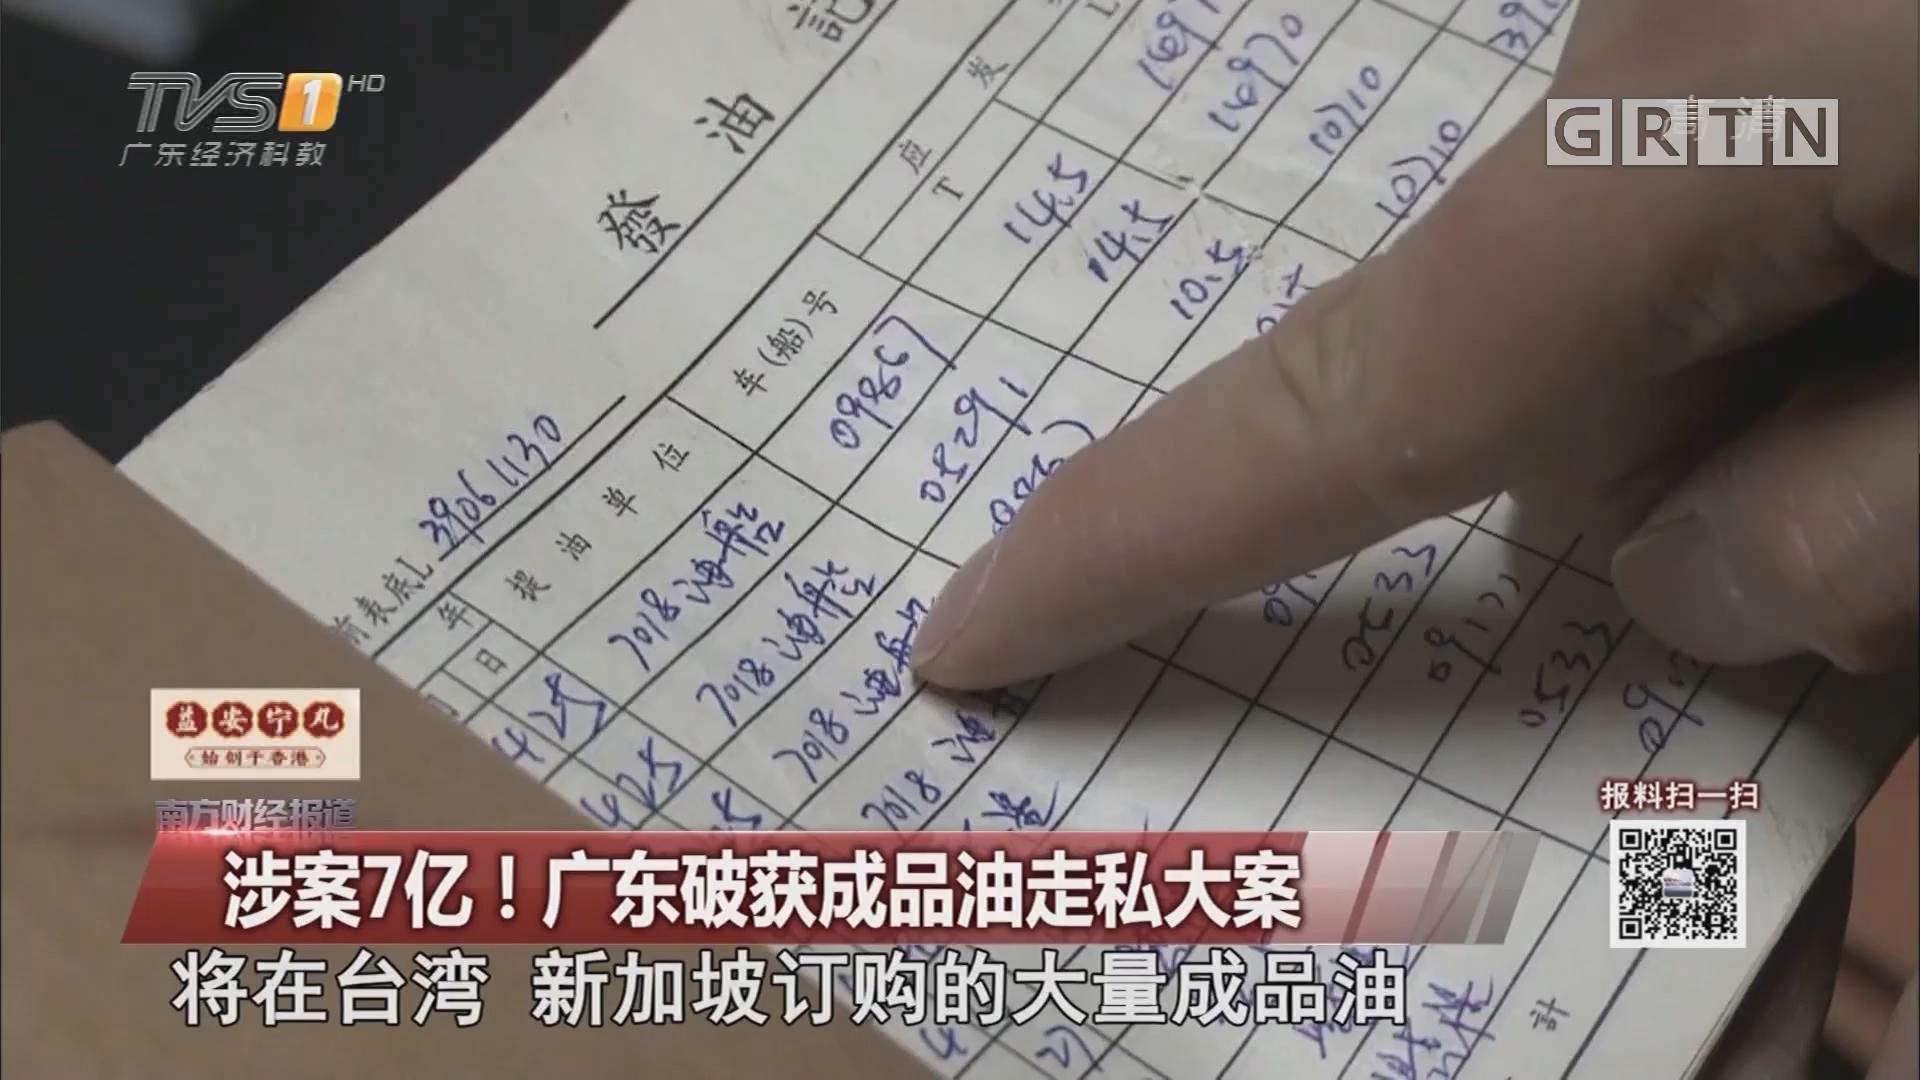 涉案7亿!广东破获成品油走私大案